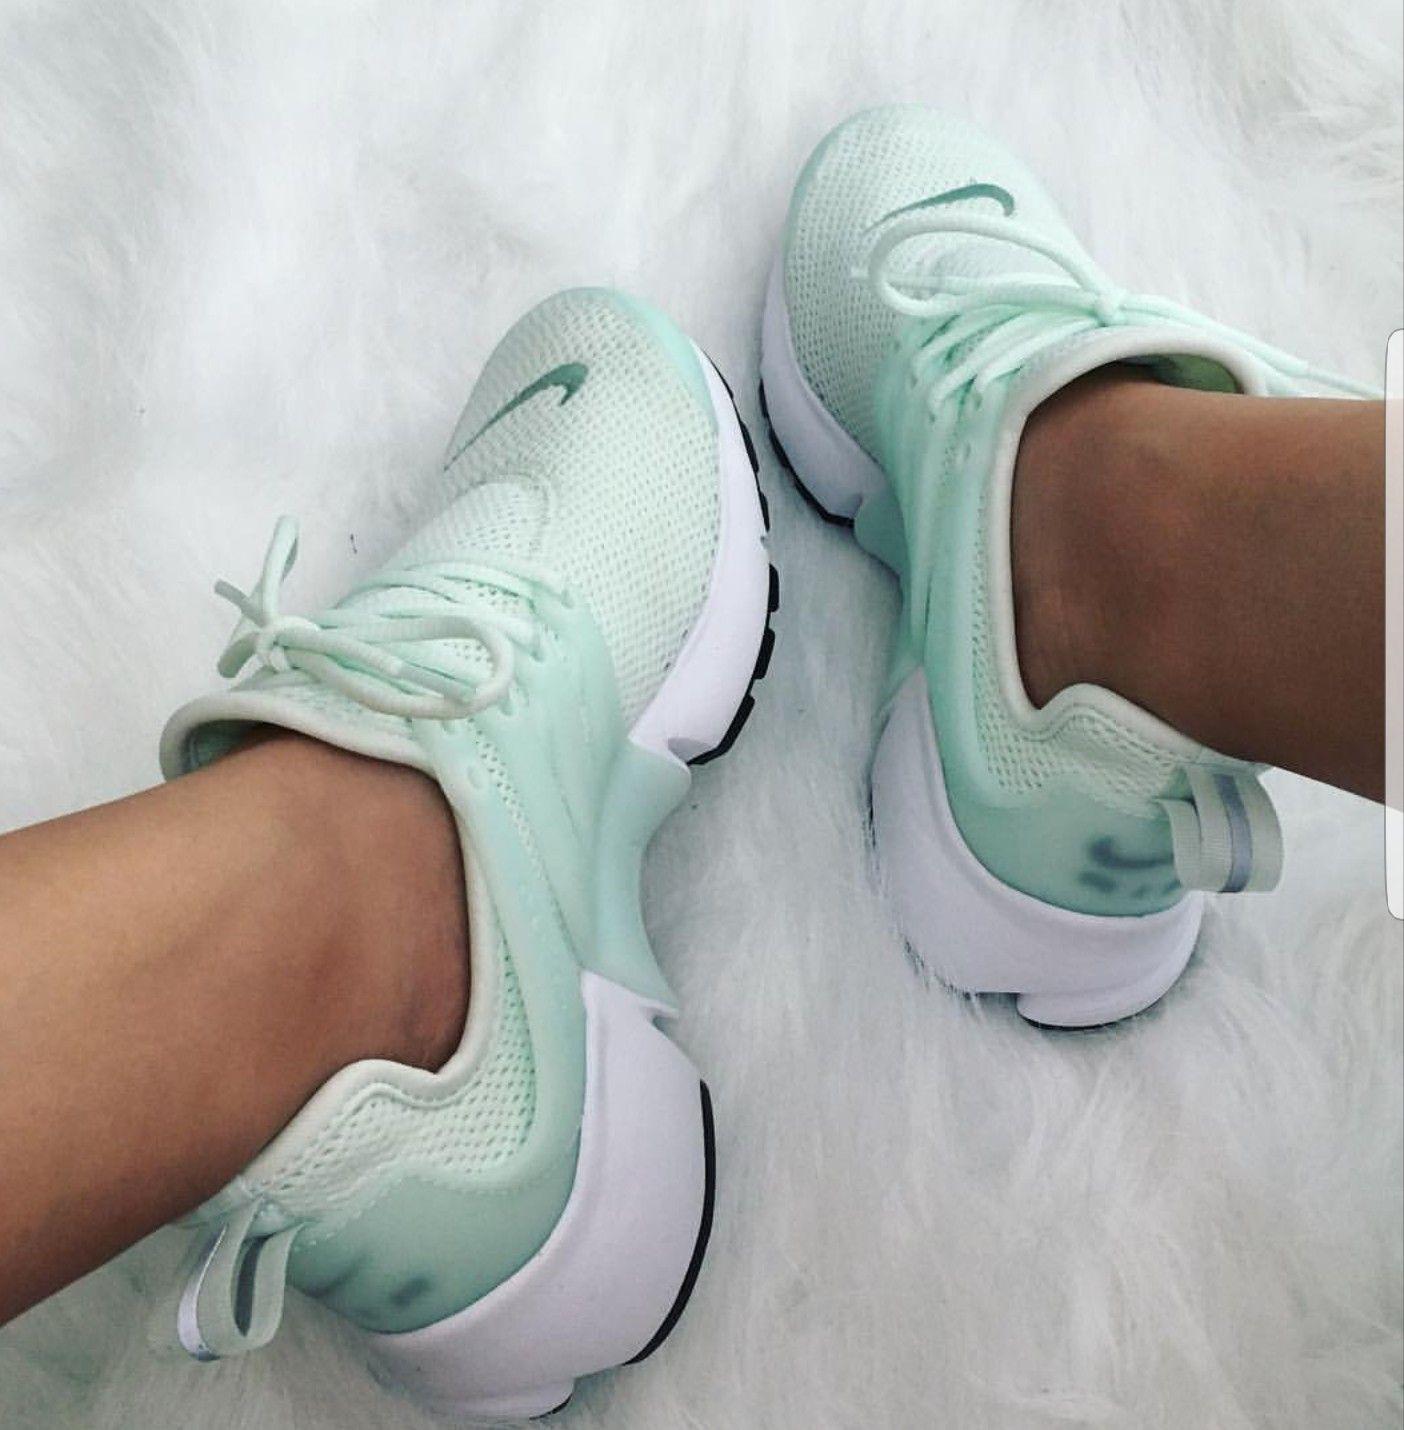 Nike Air Presto Turkis Mint Foto Von Lilseashelly Instagram Bodybuilding Shoes Hype Shoes Mint Shoes